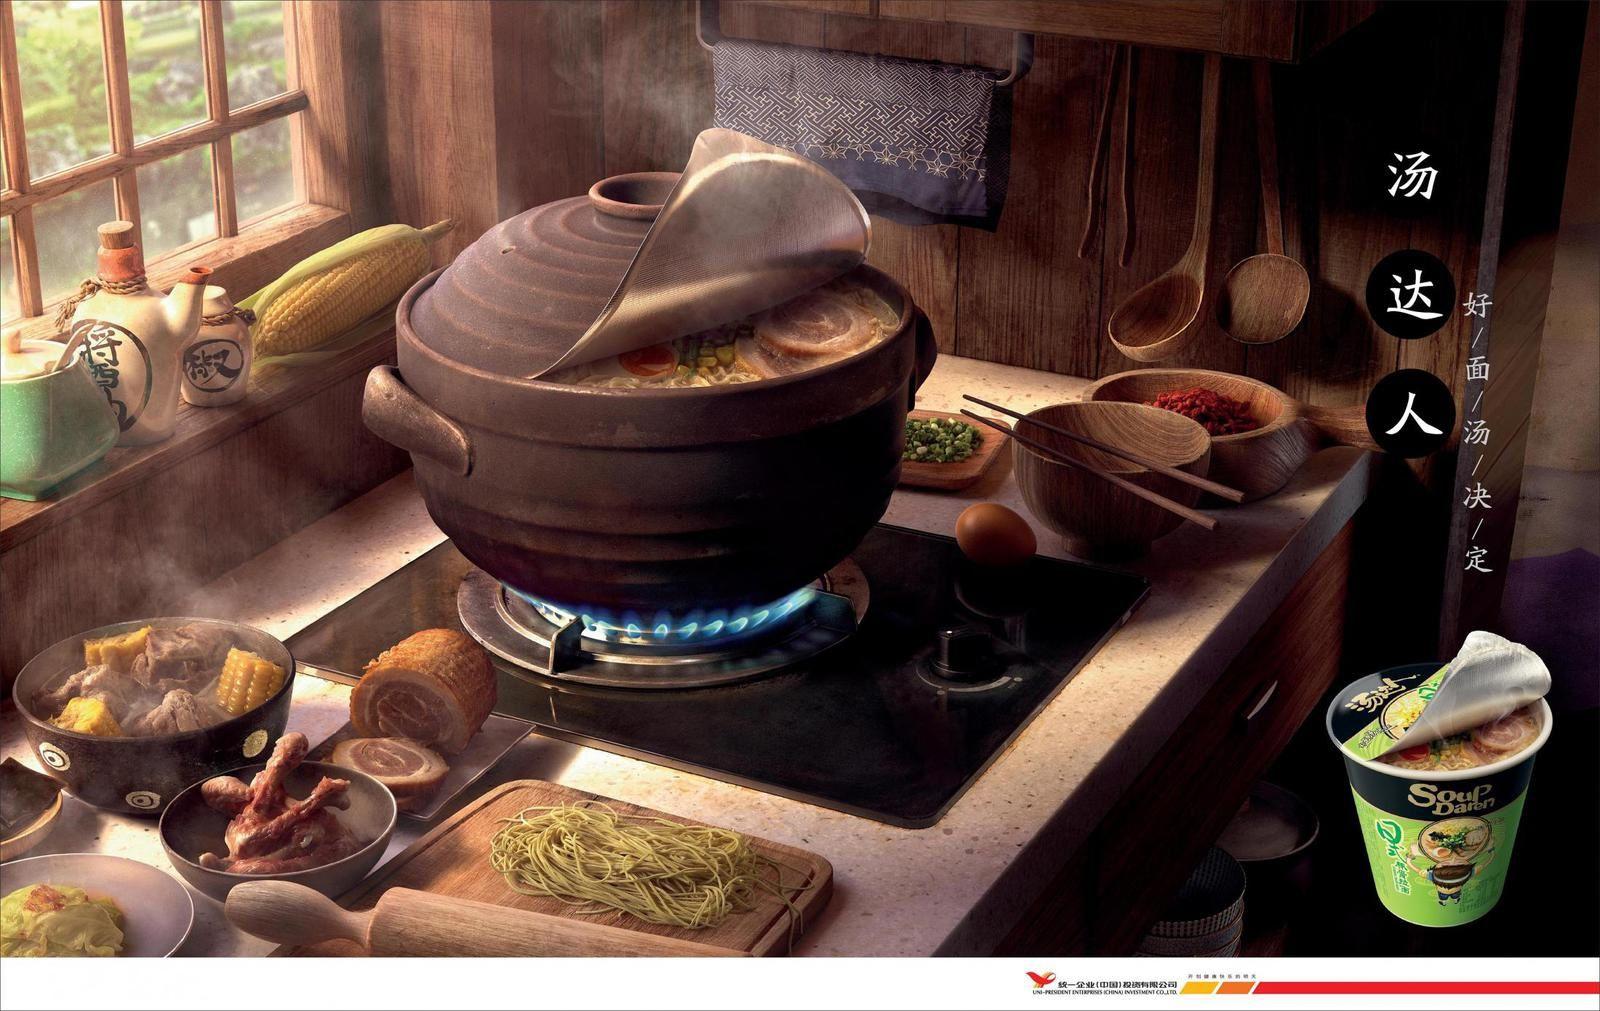 """""""Authentic Taste"""" - Uni President (soupes asiatiques) I Agence : mcgarrybowen, Shanghai, China (février 2017)"""